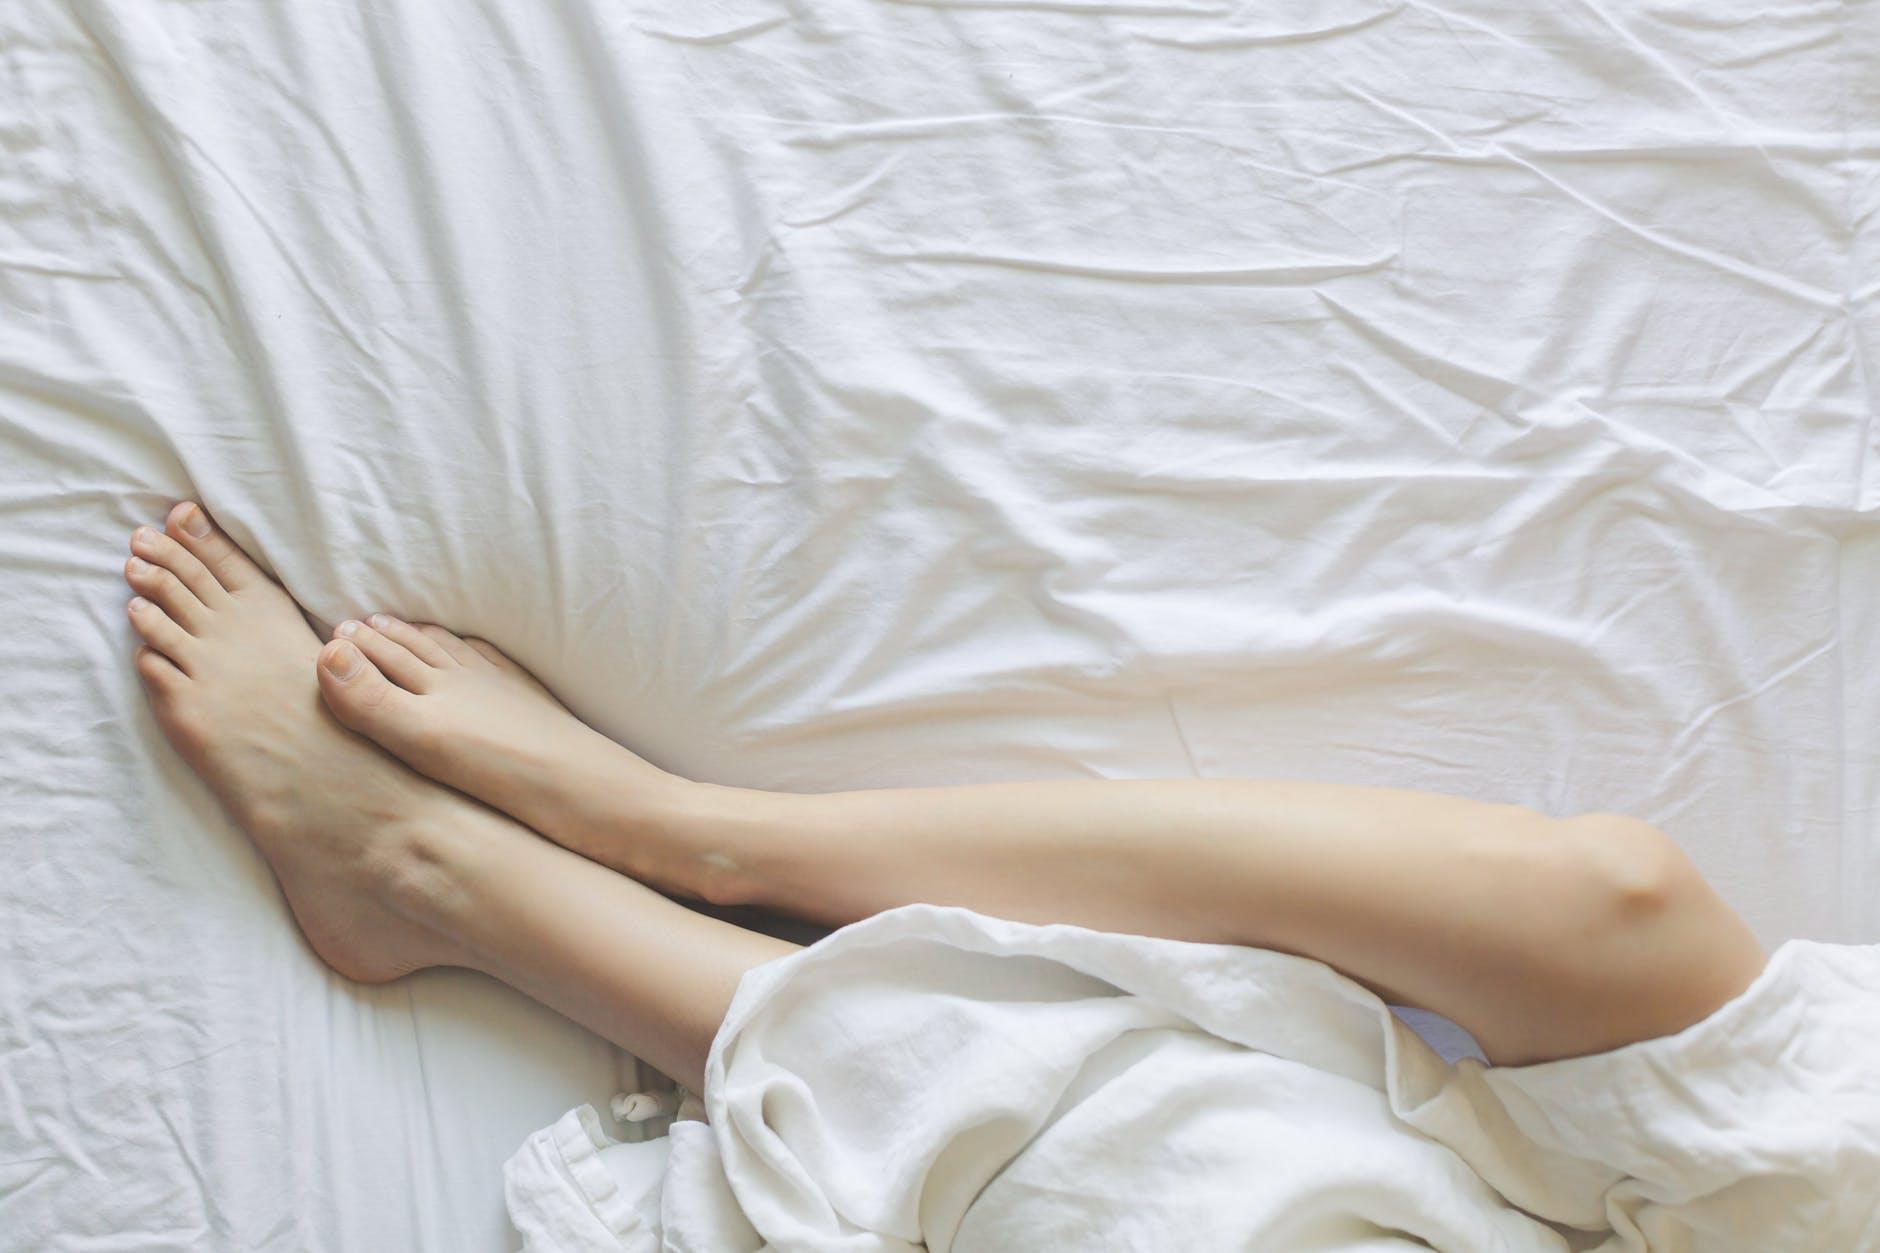 Cinco tips para depilar tu cuerpo sin irritar la piel